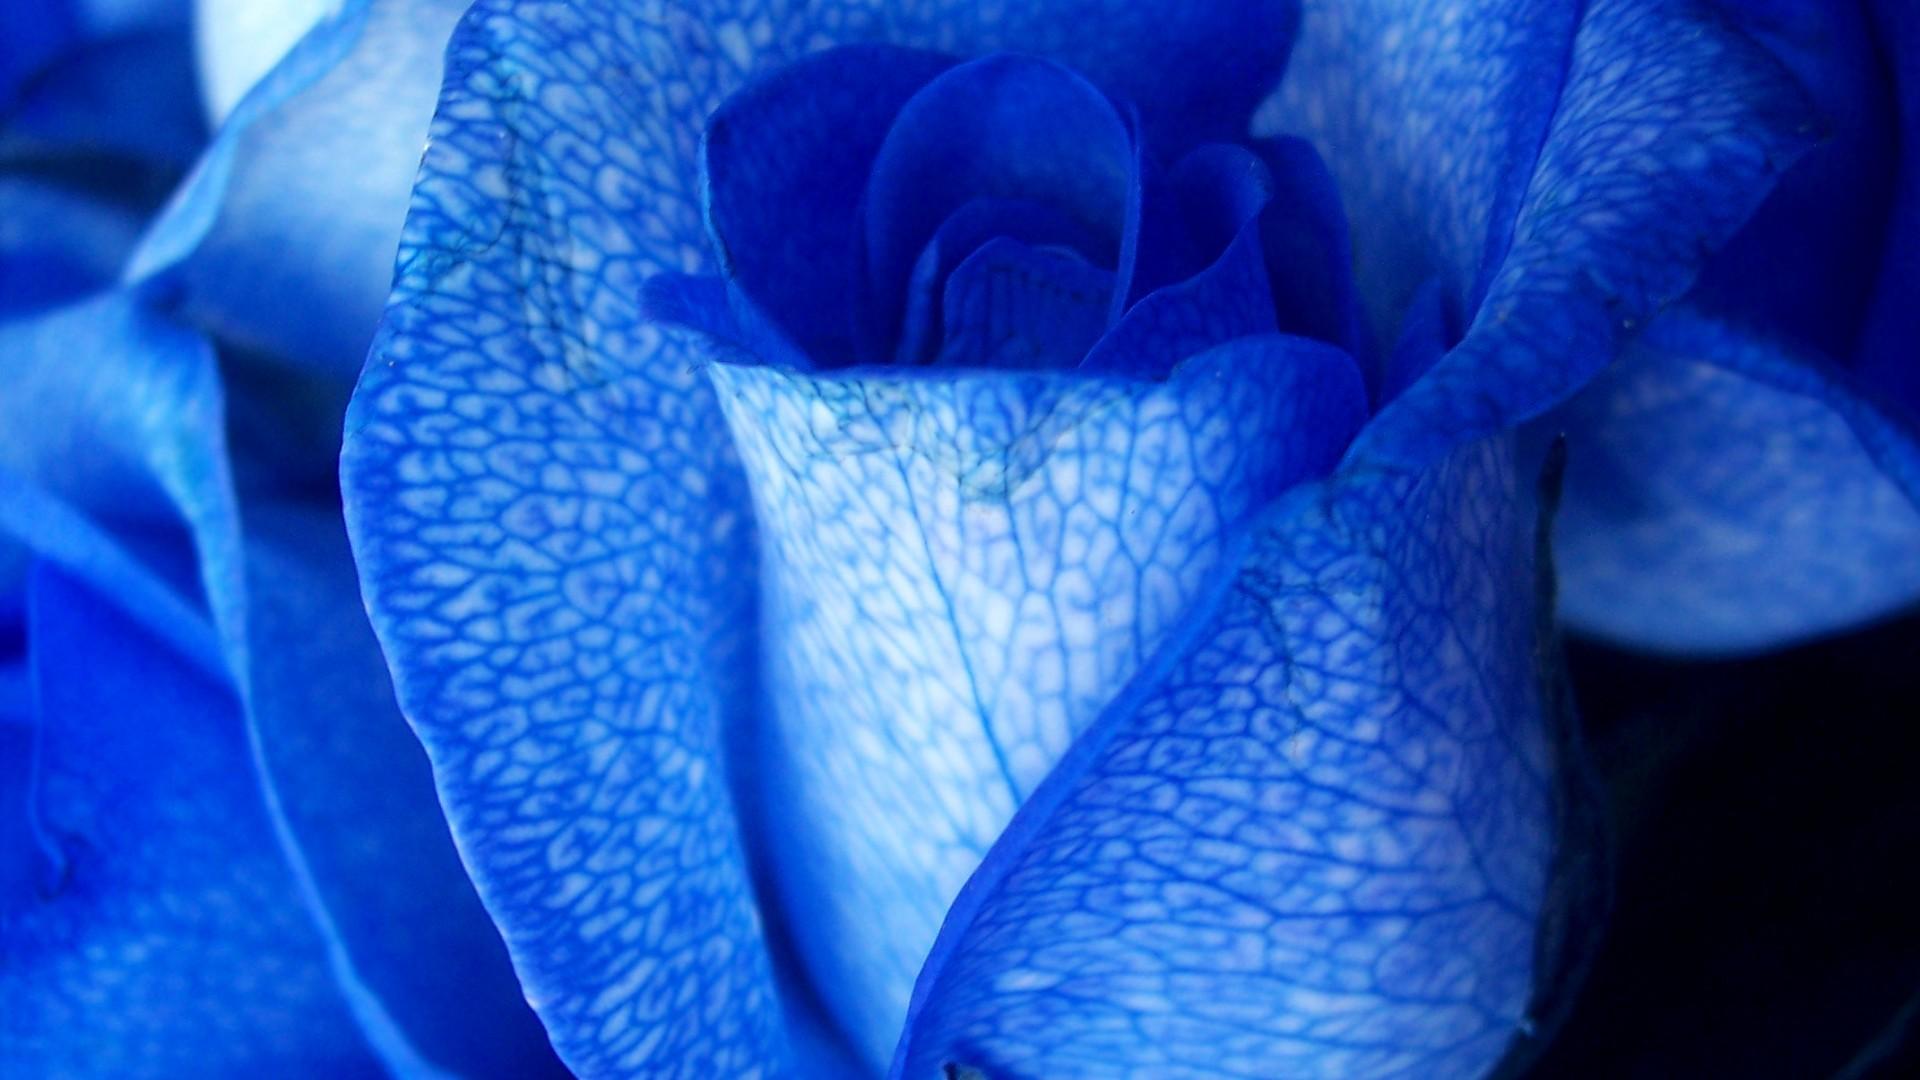 Красивые картинки на рабочий стол синего цвета